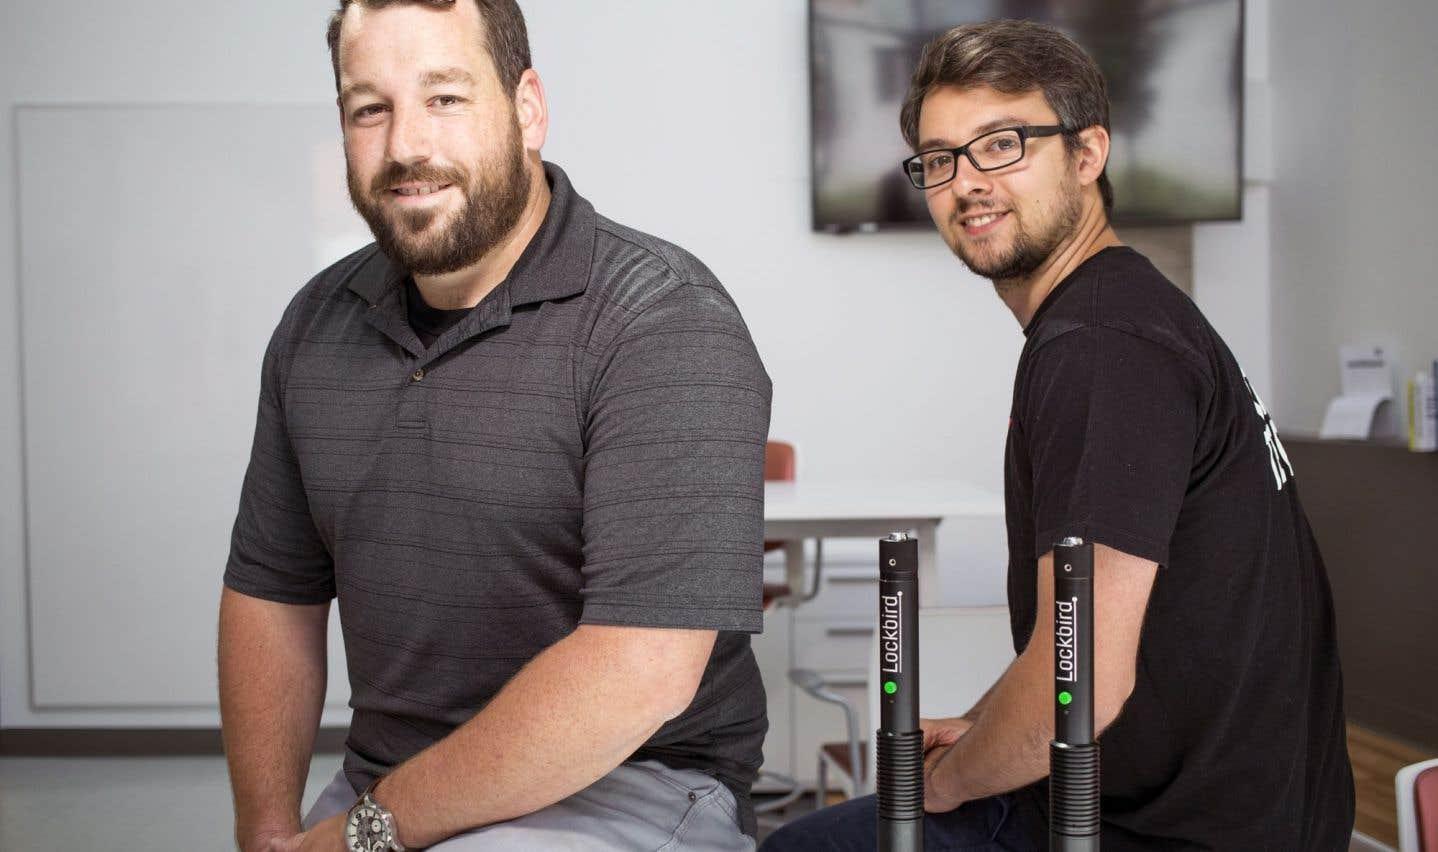 Mathieu Hamel et Julien Chosson, qui pilotaient chacun un projet d'entrepreneuriat, ont décidé d'unir leurs forces au sein de Lockbird.